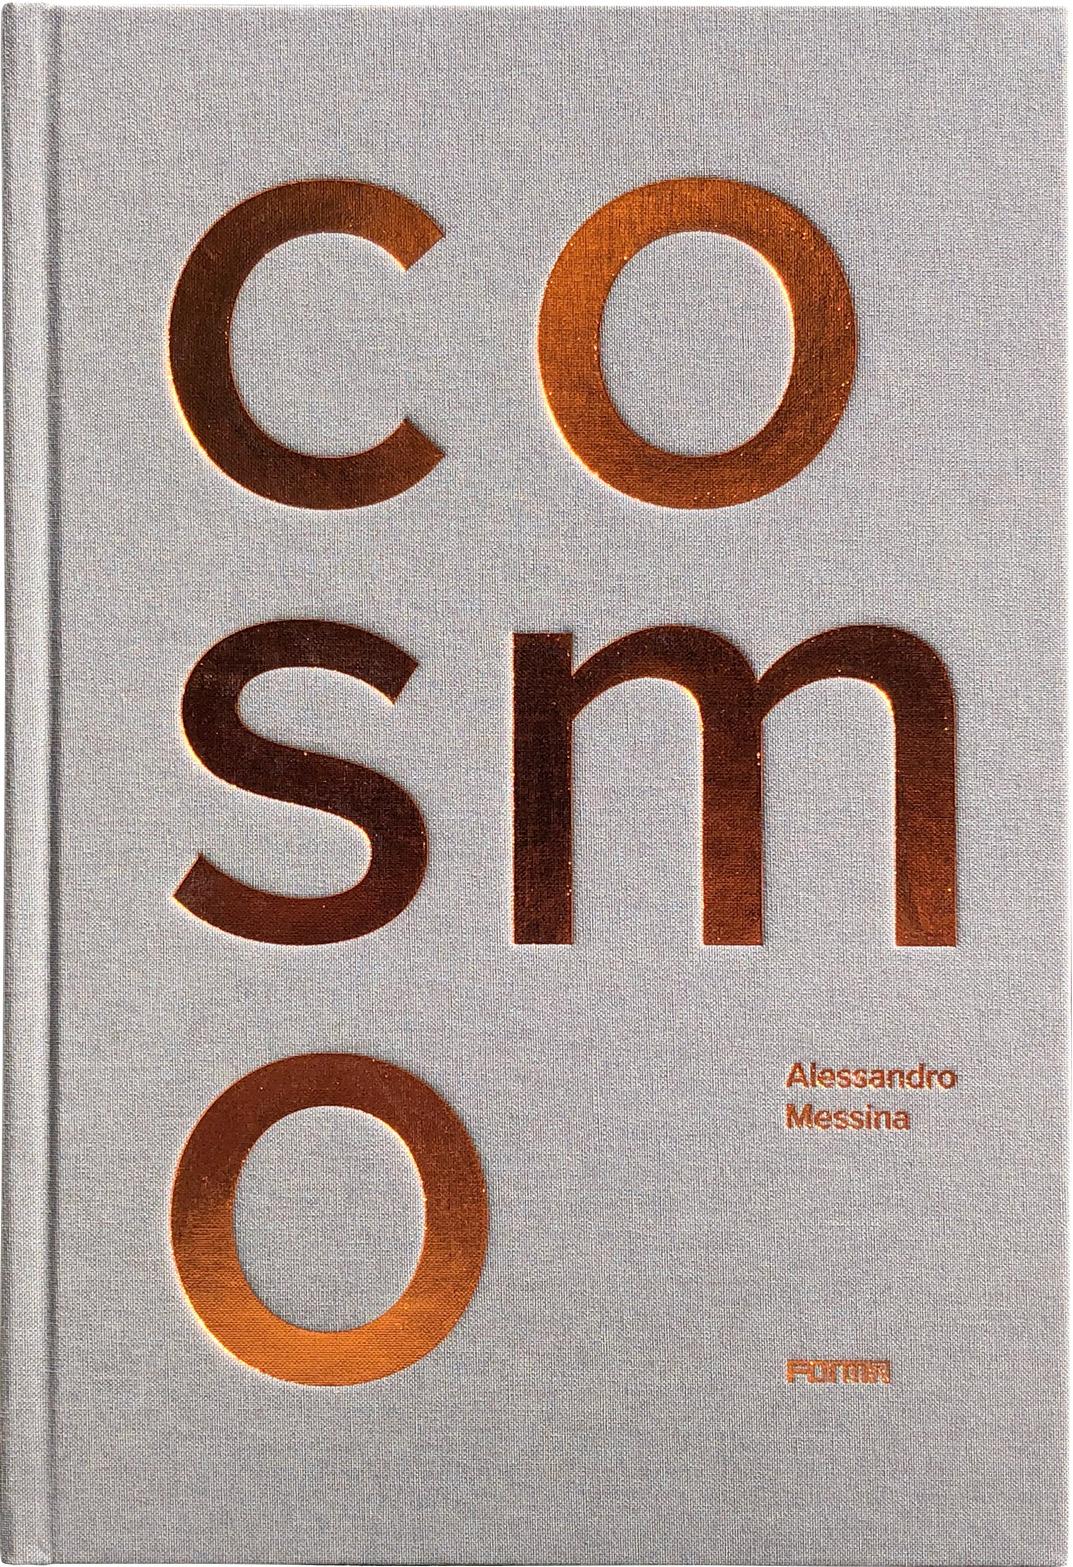 COSMO-cover-libro